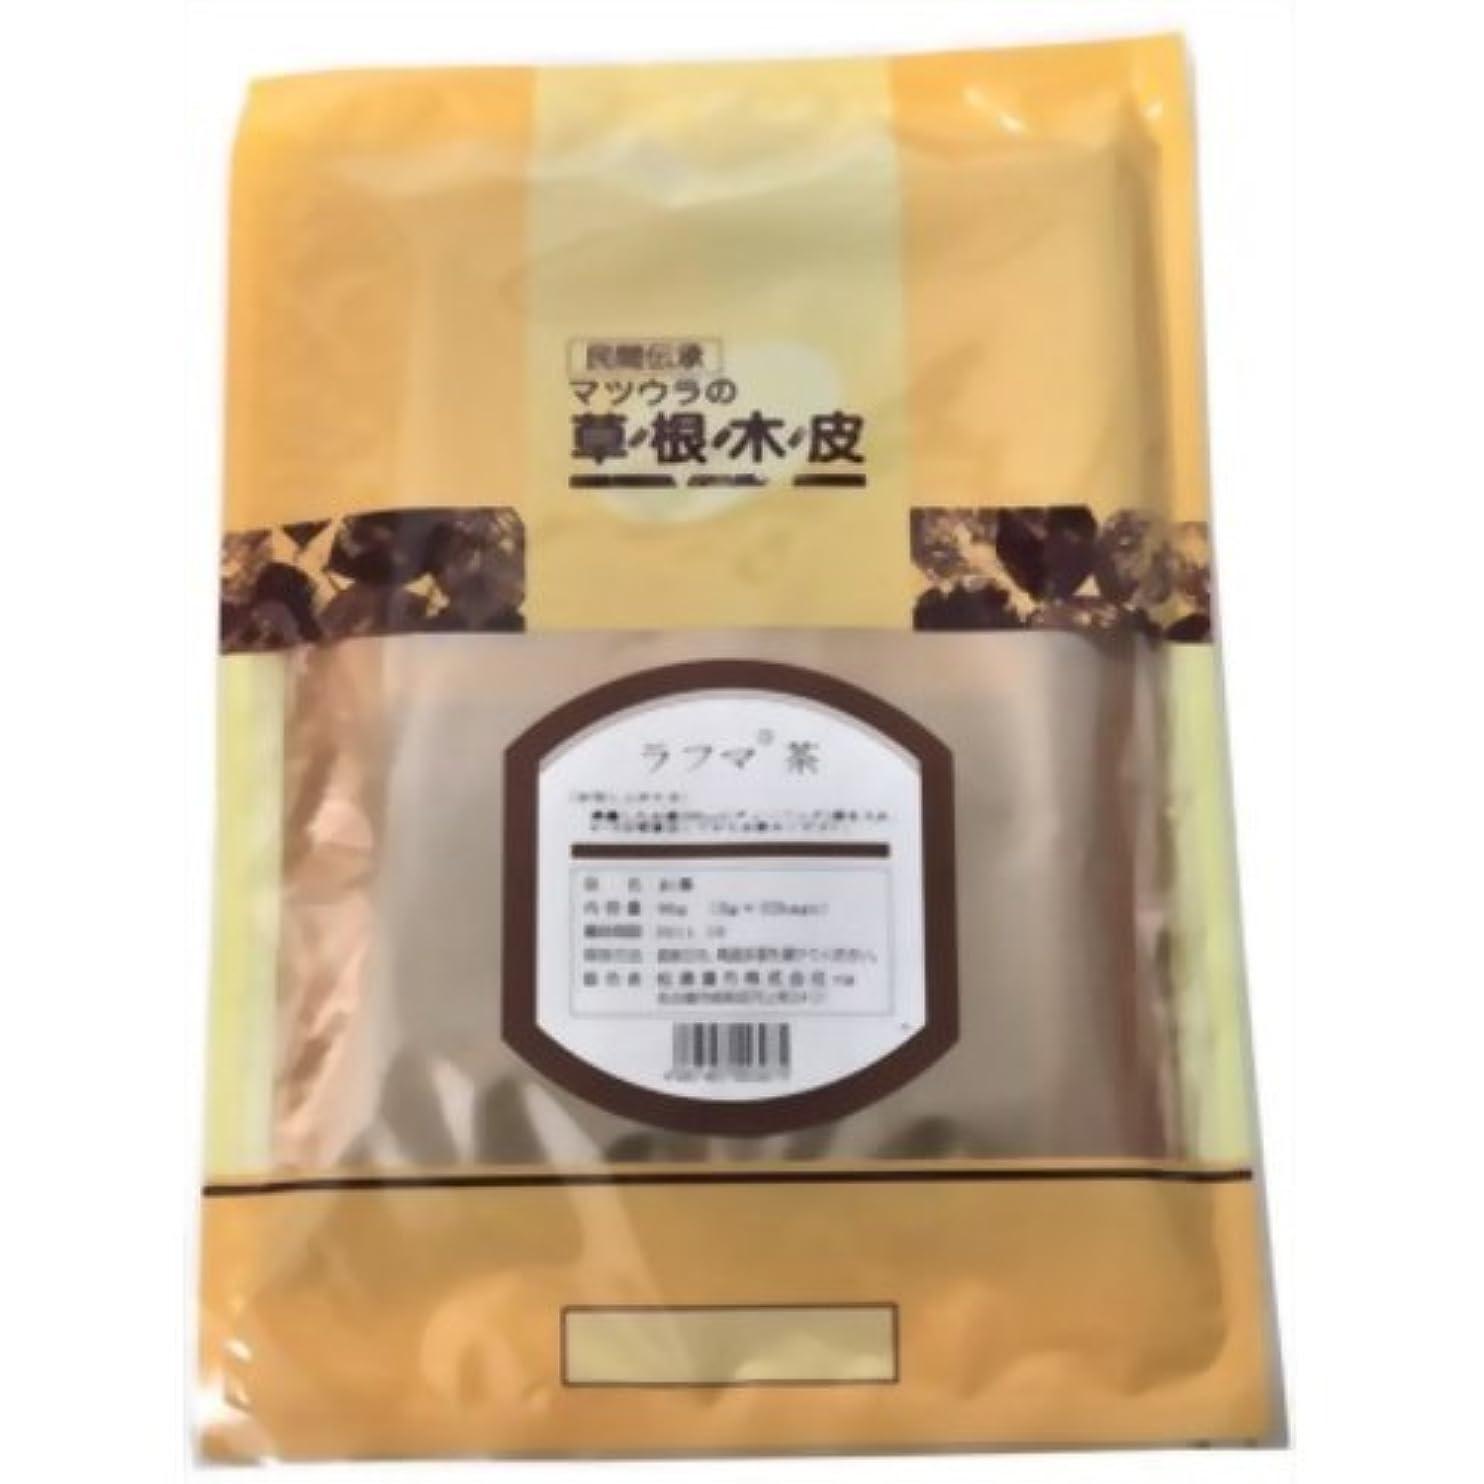 分解する防衛リファインラフマ茶 3gx32袋